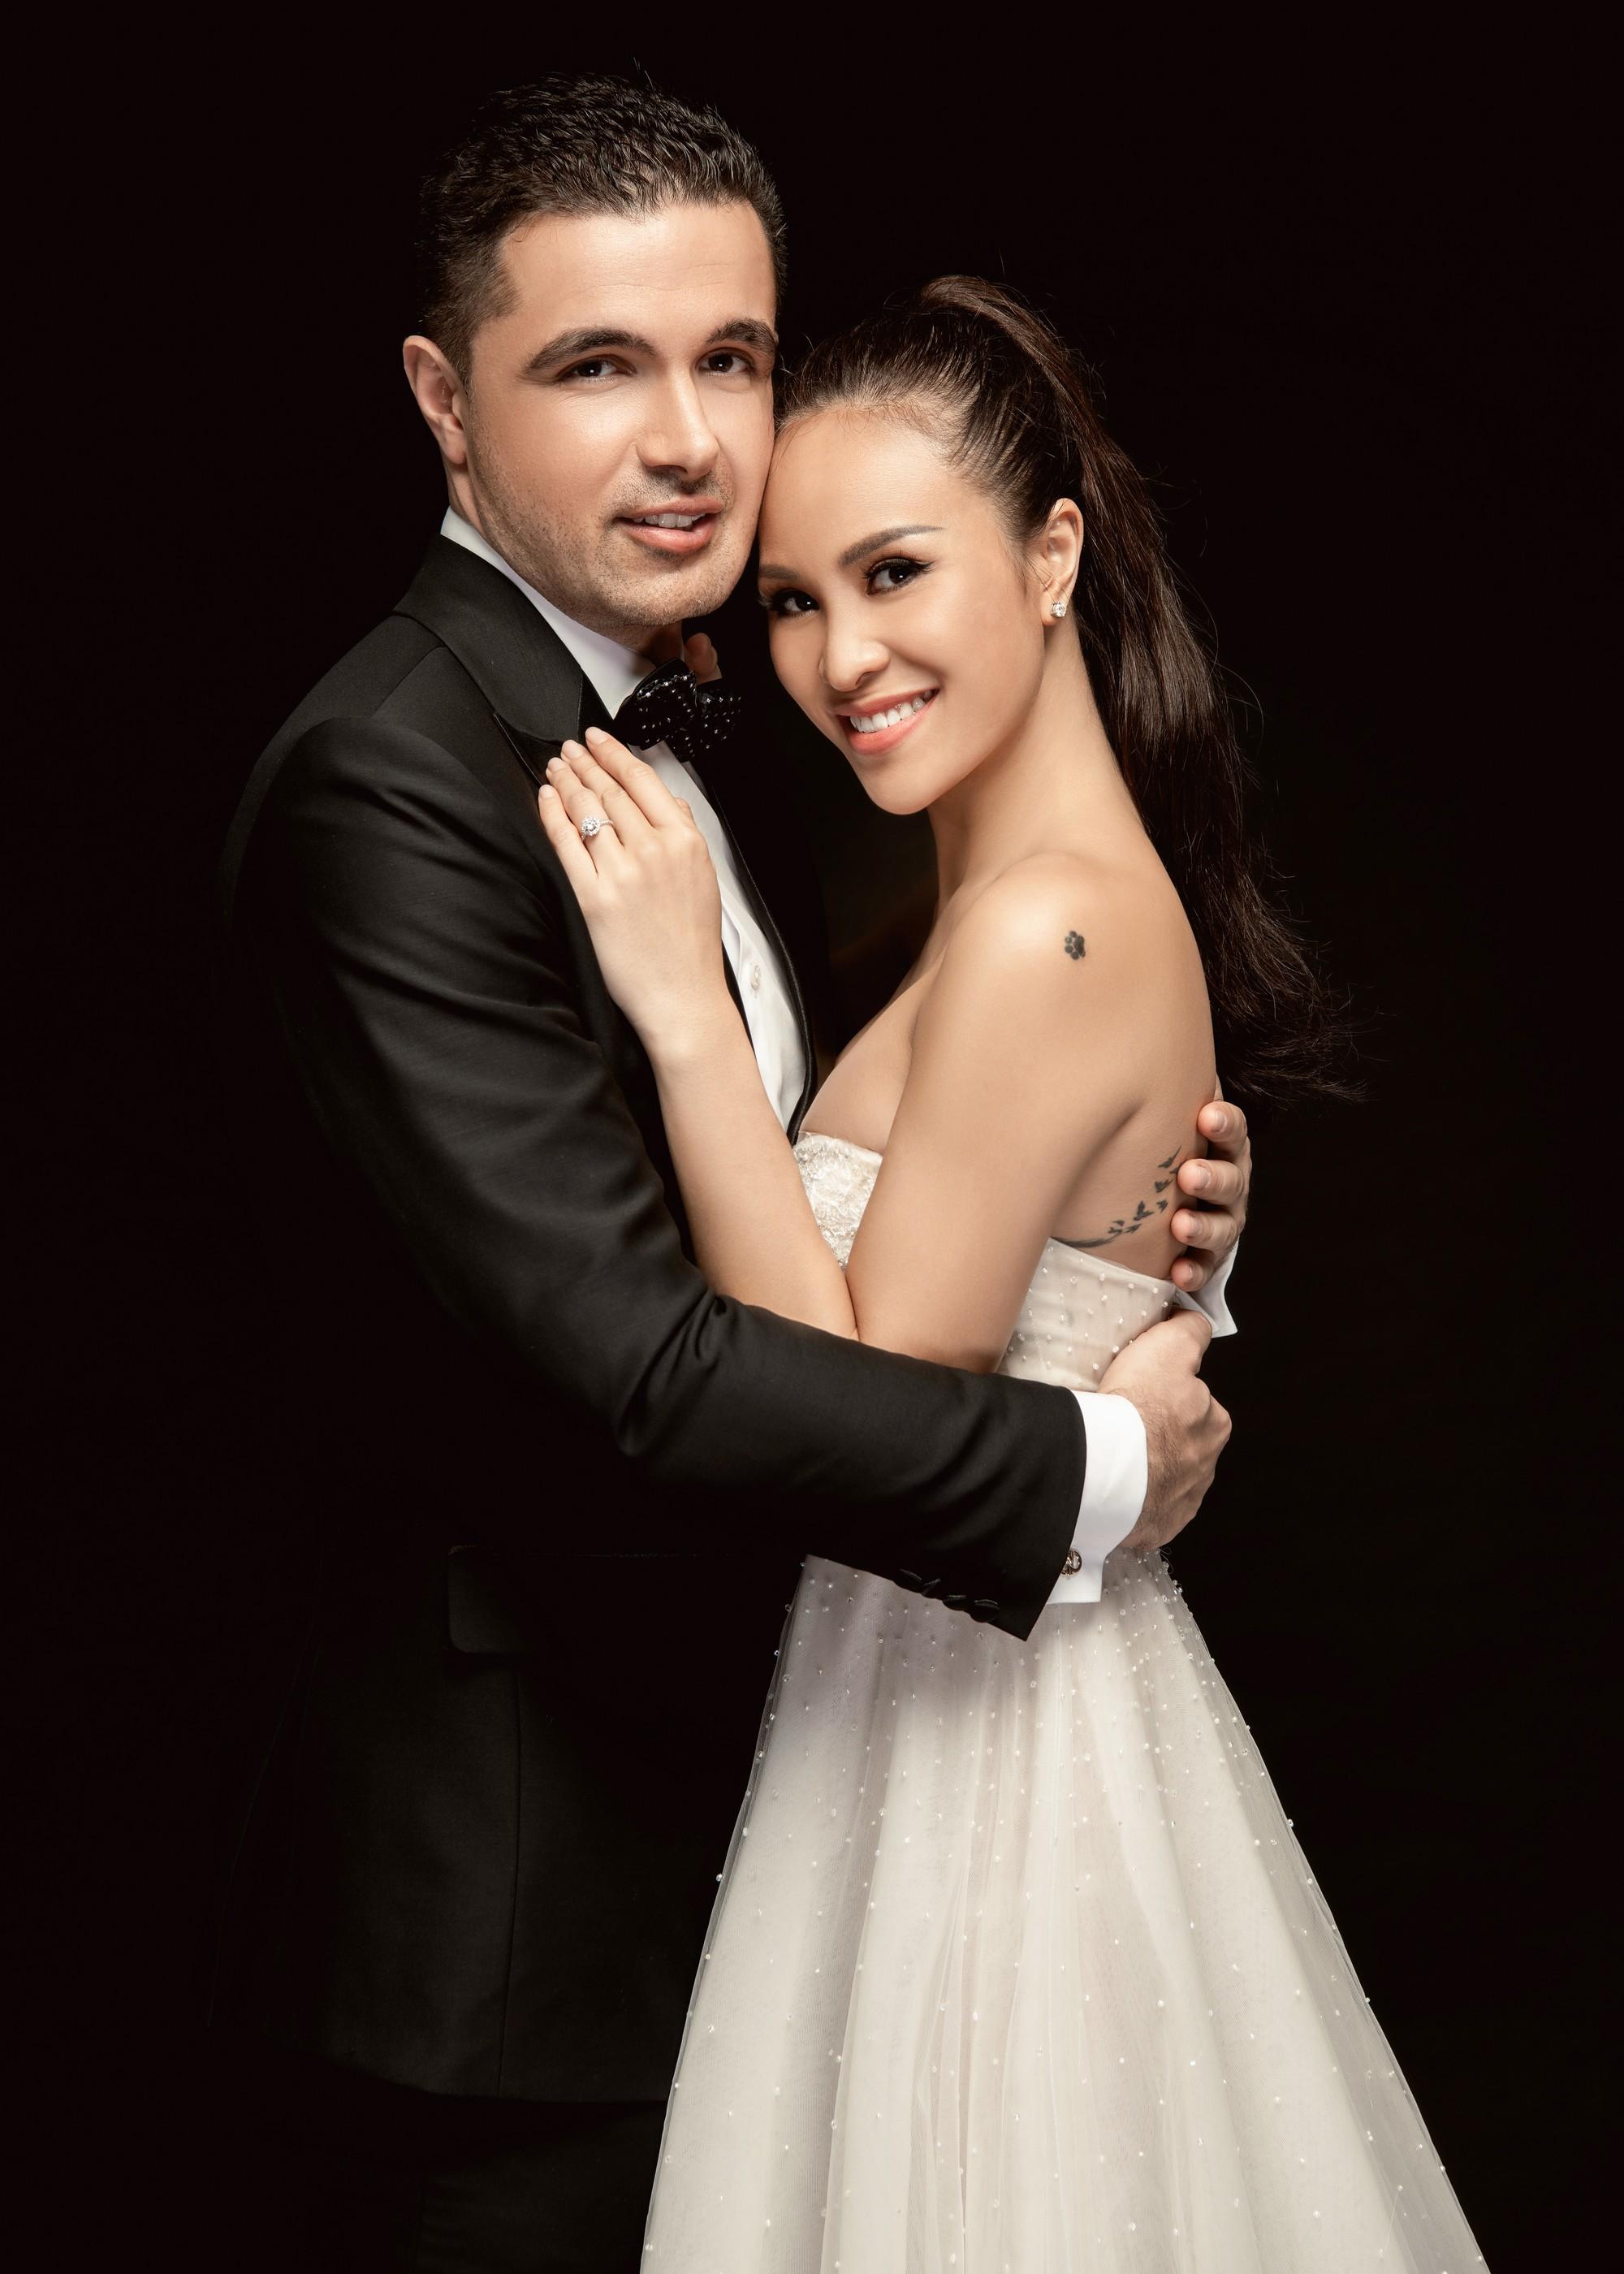 Siêu mẫu Phương Mai khoá môi ông xã Tây cực ngọt ngào trong bộ ảnh cưới trước ngày lên xe hoa - Ảnh 5.